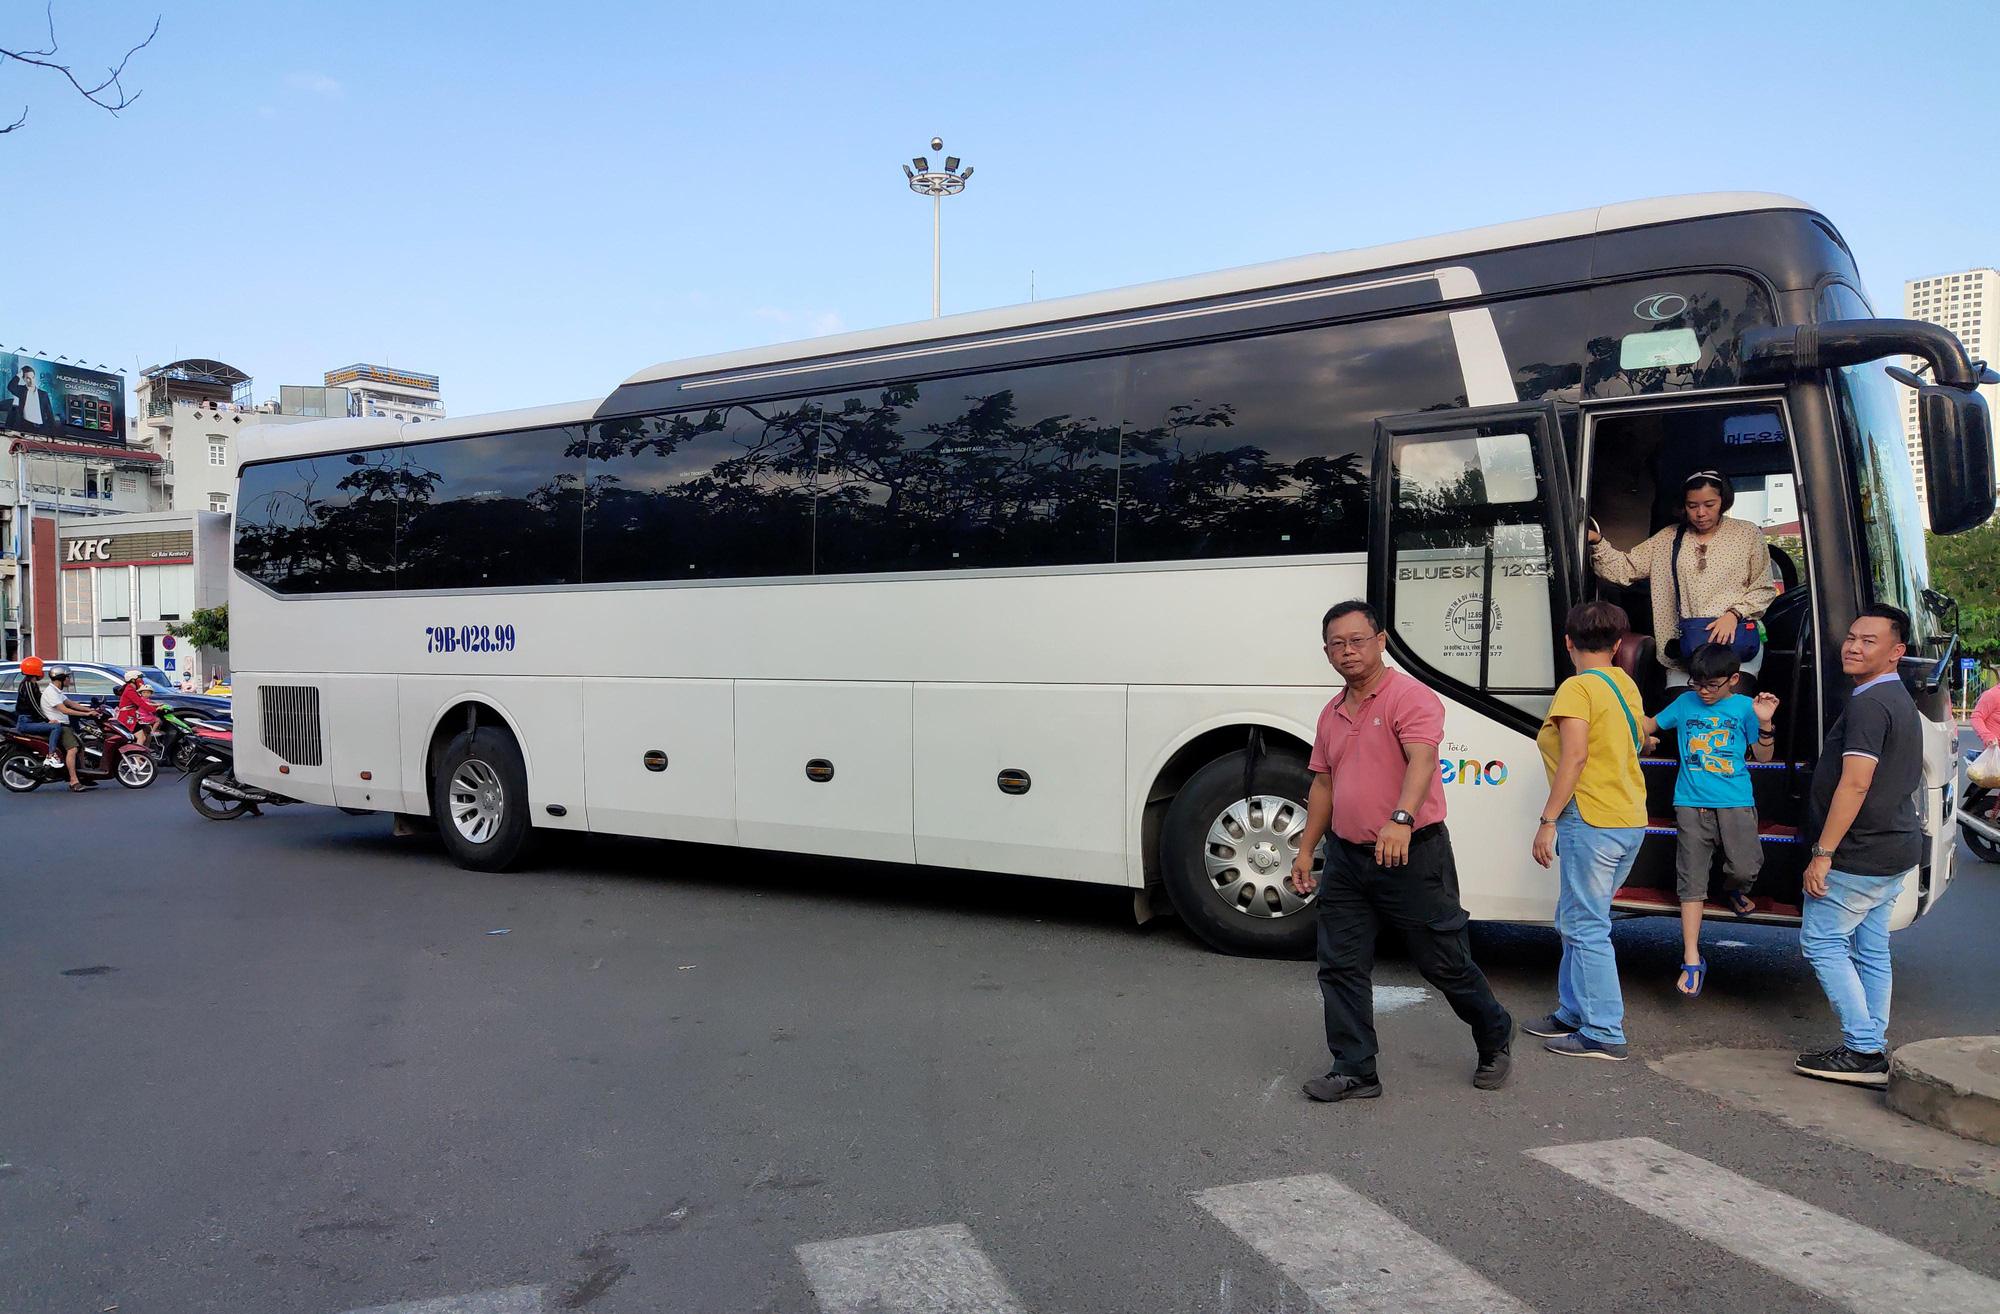 Giữa dịch Covid-19, du lịch Khánh Hòa vẫn hướng đến đón hơn 7,3 triệu lượt khách trong năm 2020 - Ảnh 1.